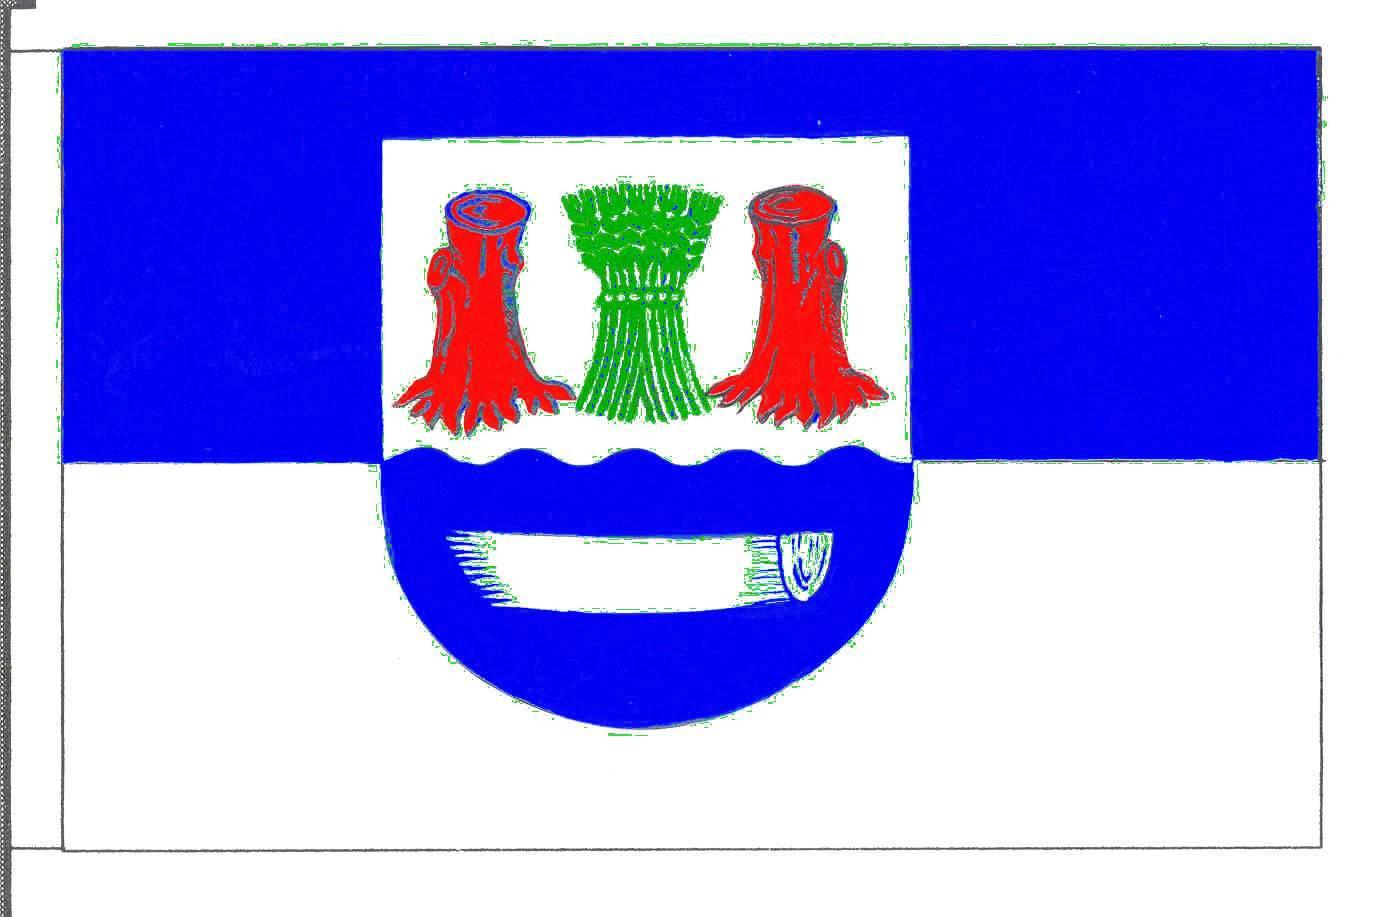 Flagge GemeindeStocksee, Kreis Segeberg